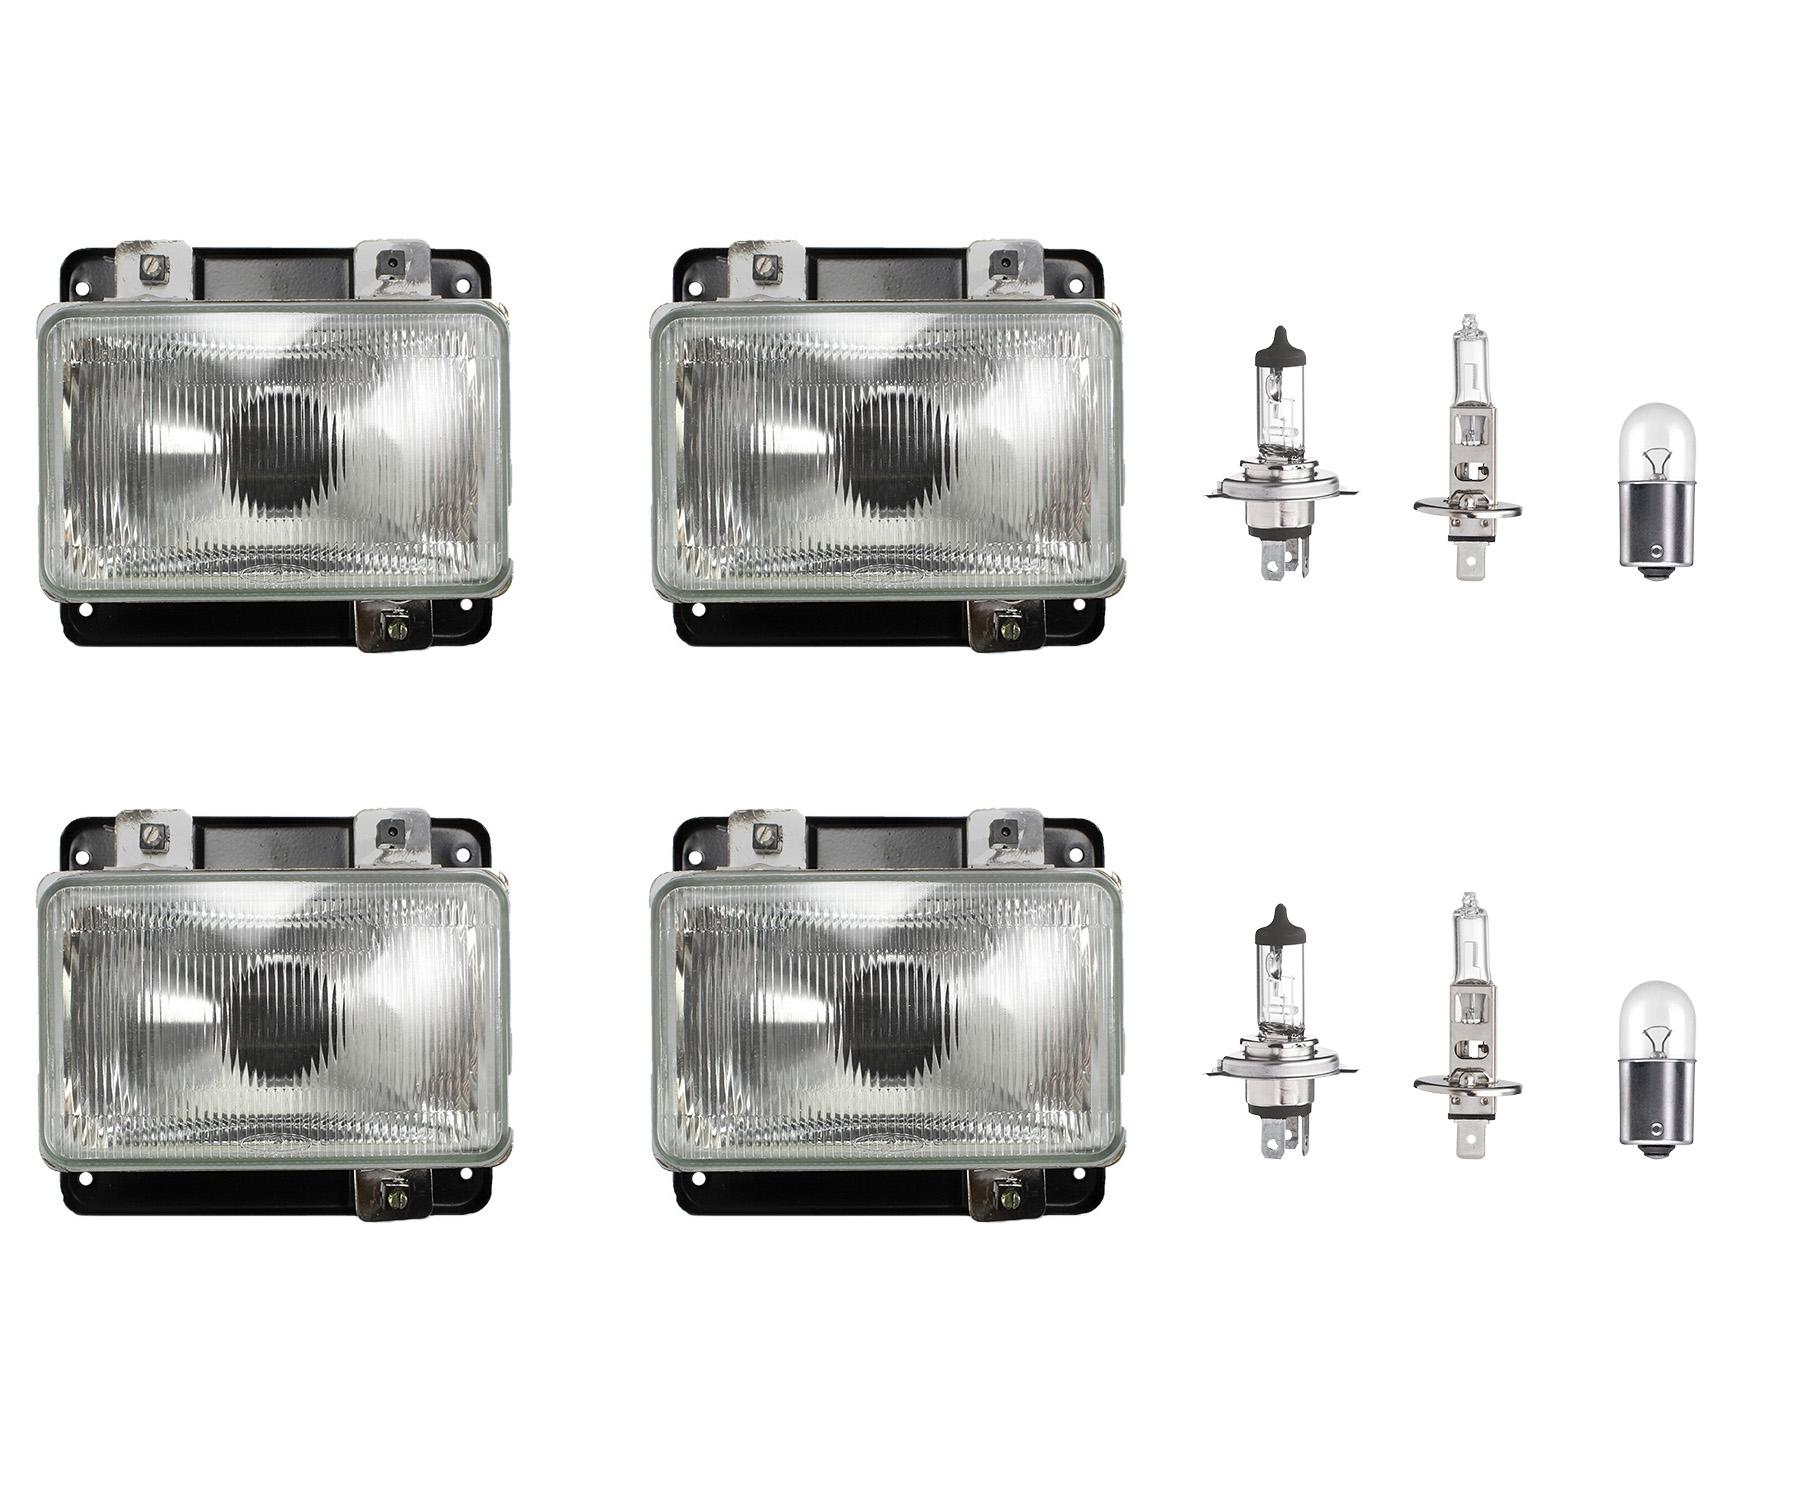 Farol Mb 1214 1418 1618 1630 1935 1941 Bicudo Com Lâmpadas 24V - Kit